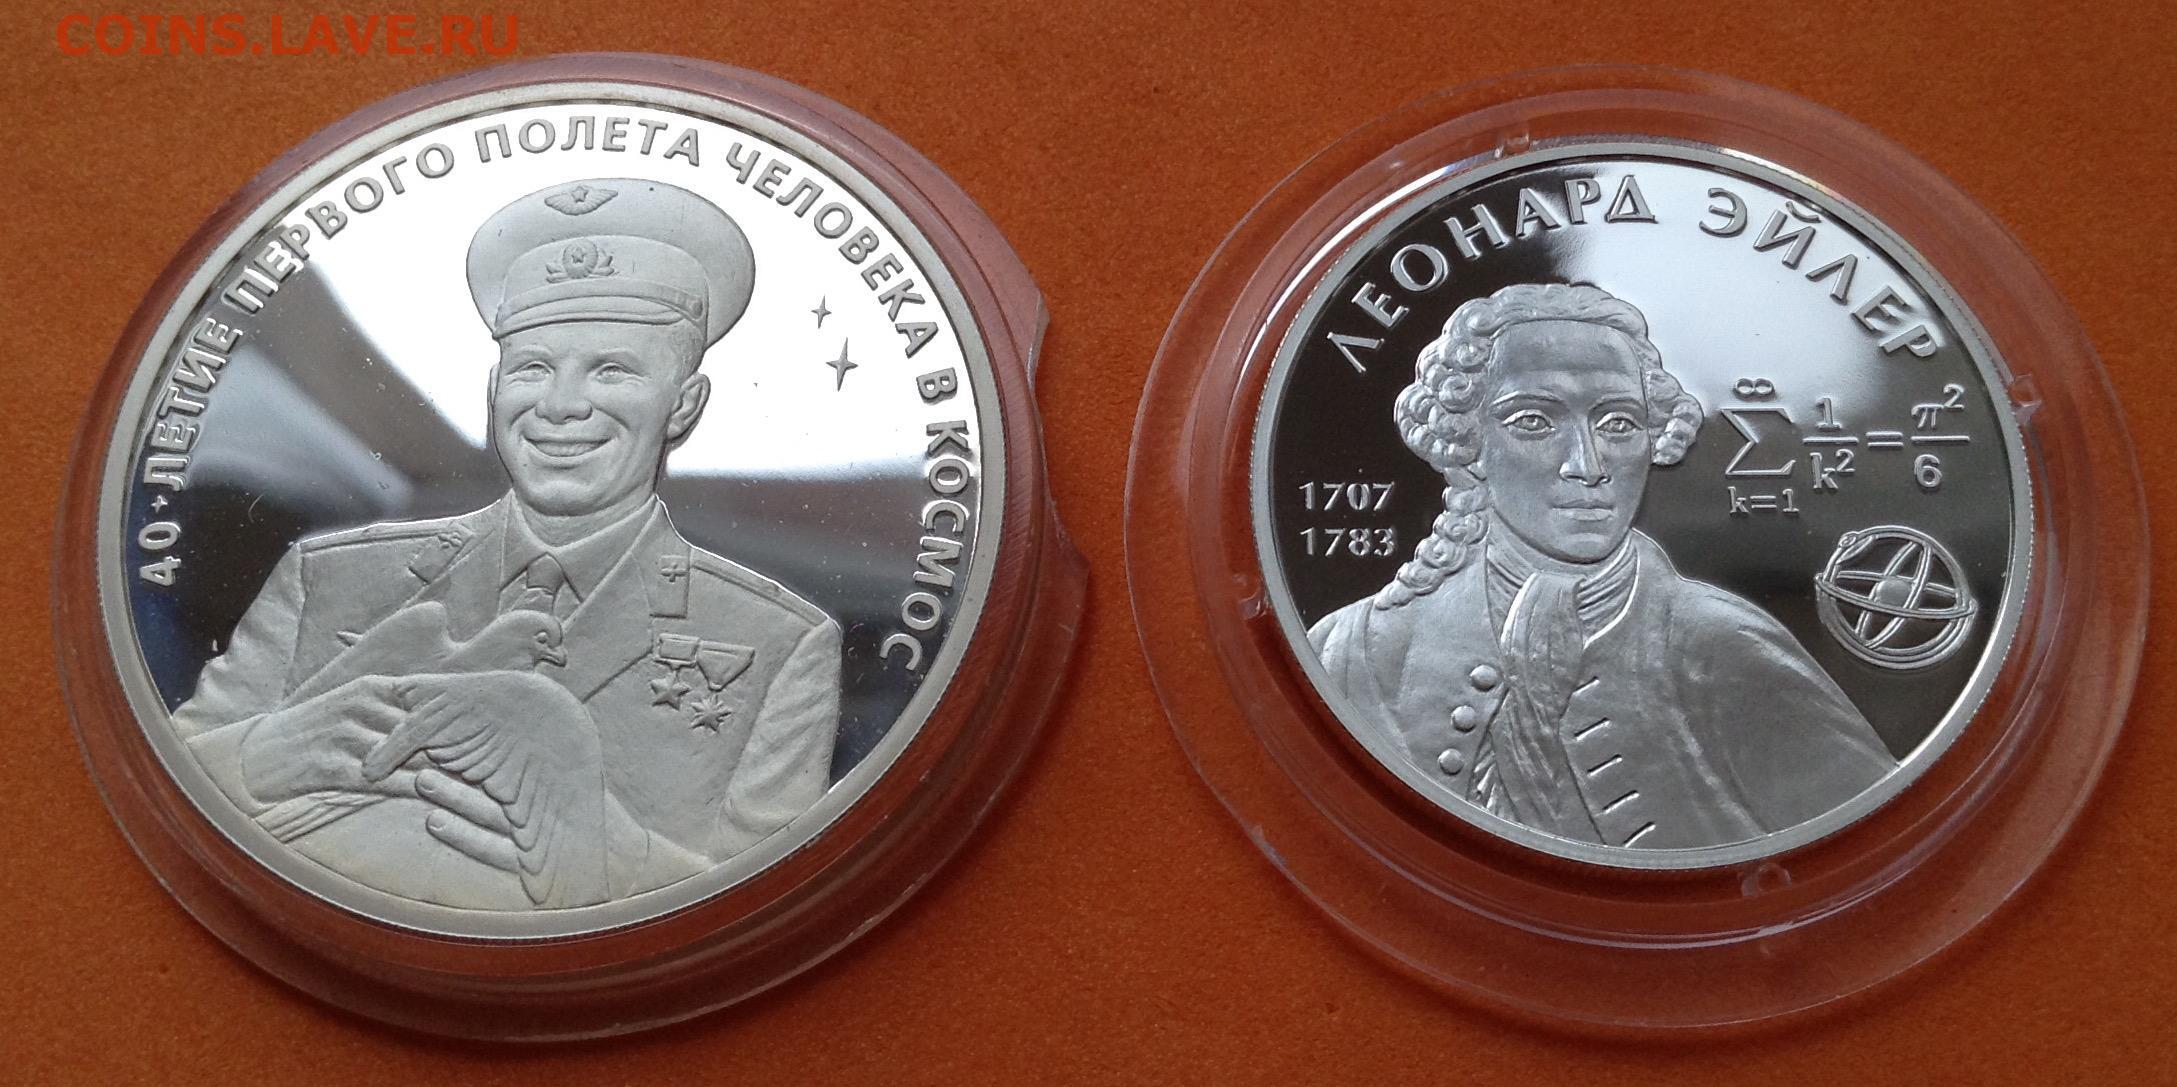 Оценка серебряных монет новый выпуск 10 рублей